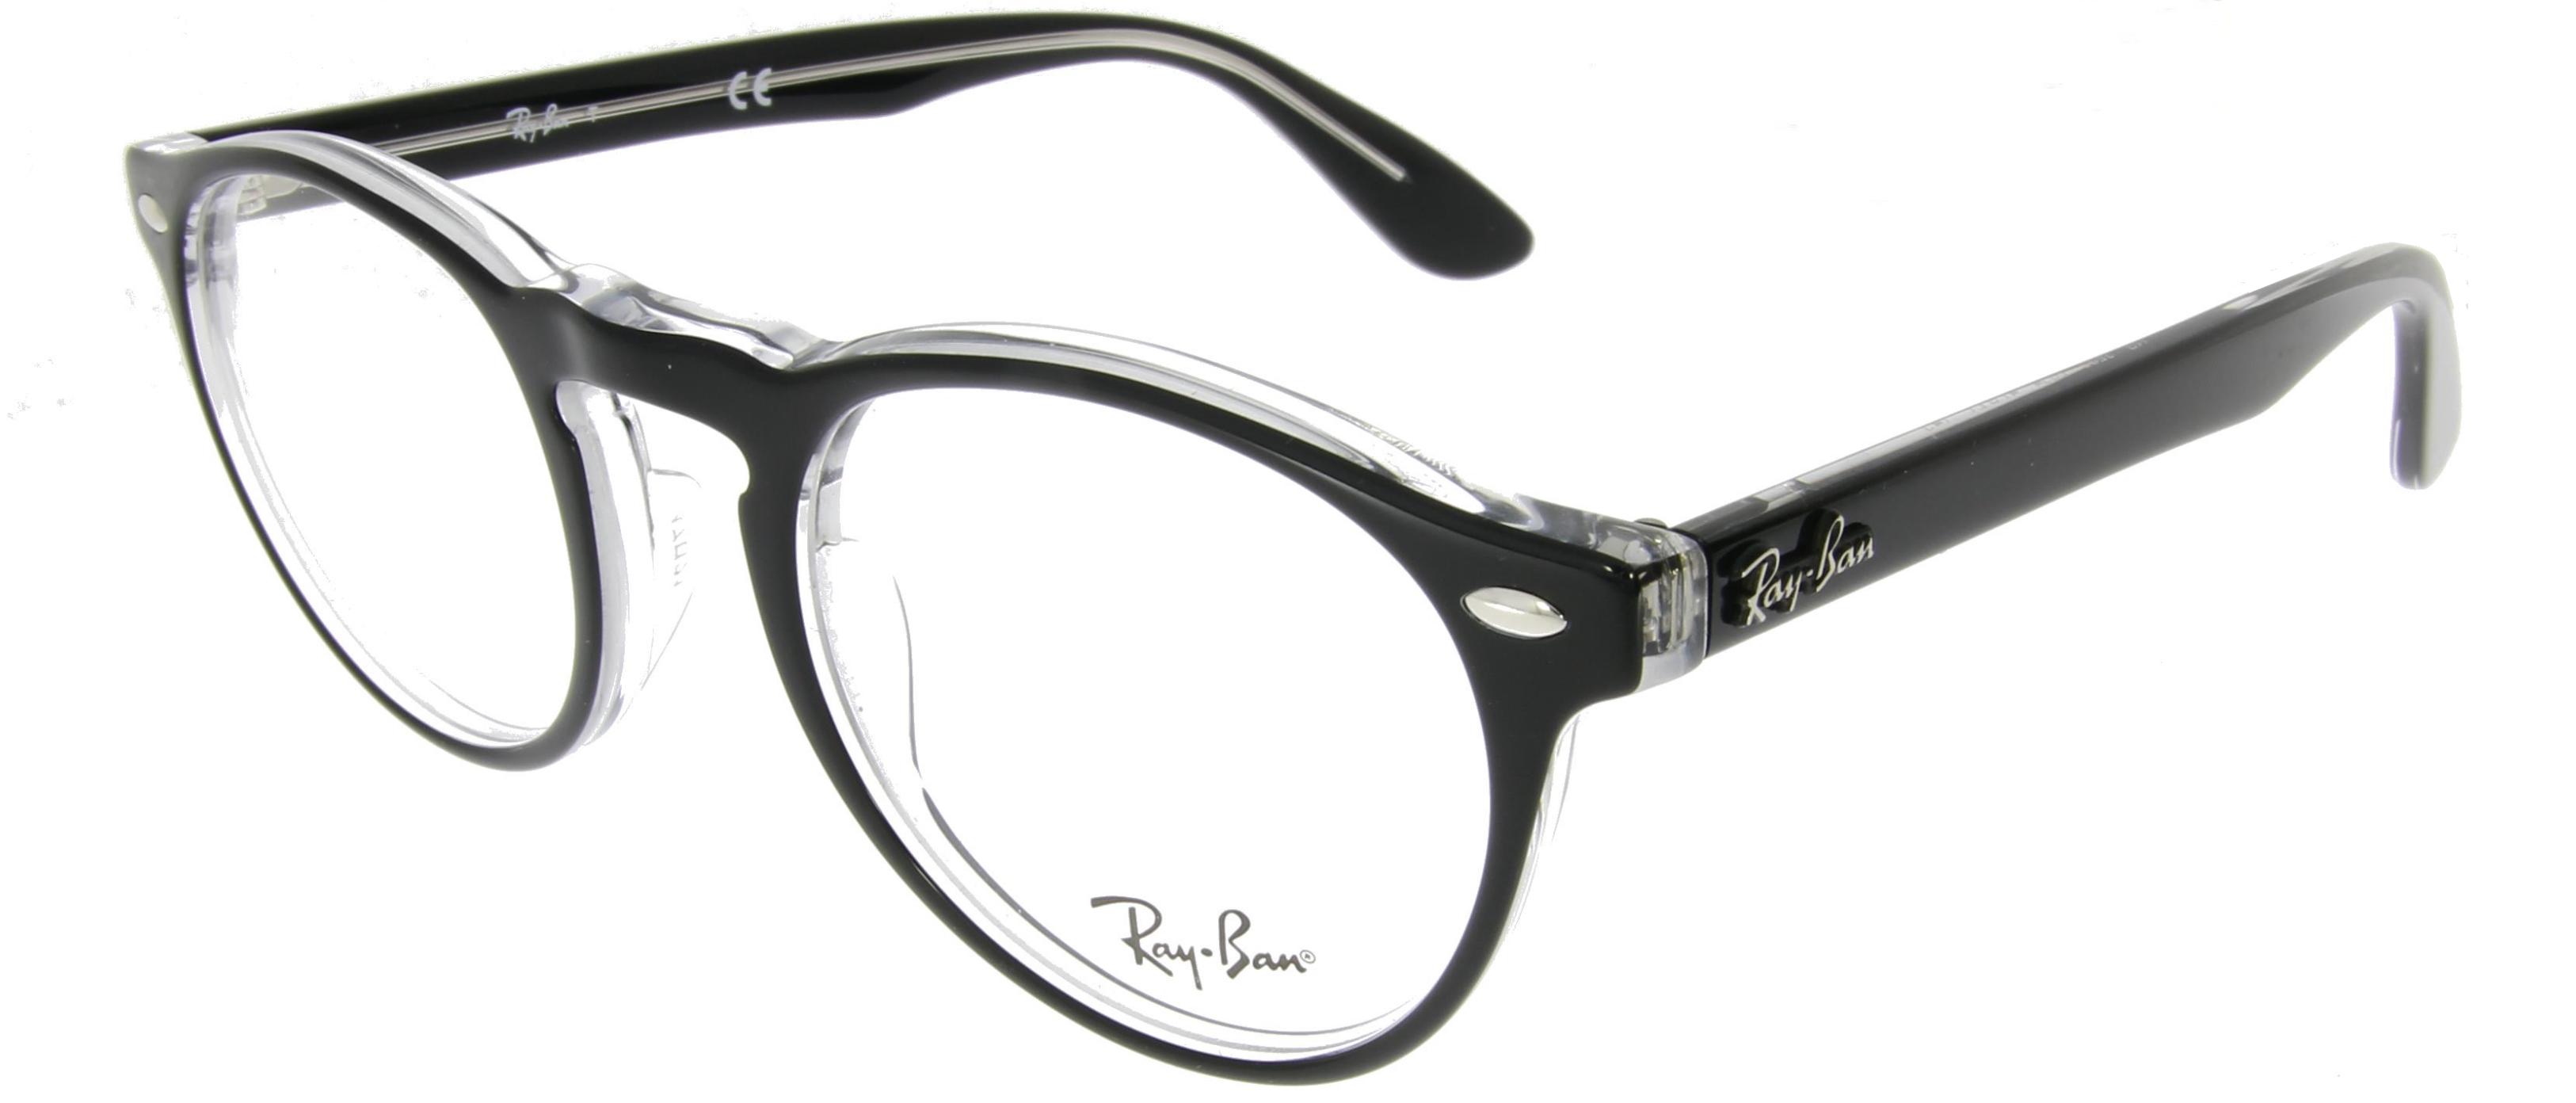 Ray Ban Brille RX 5283 2034 49/145 hQzoGlo9v1 - agribonex.com